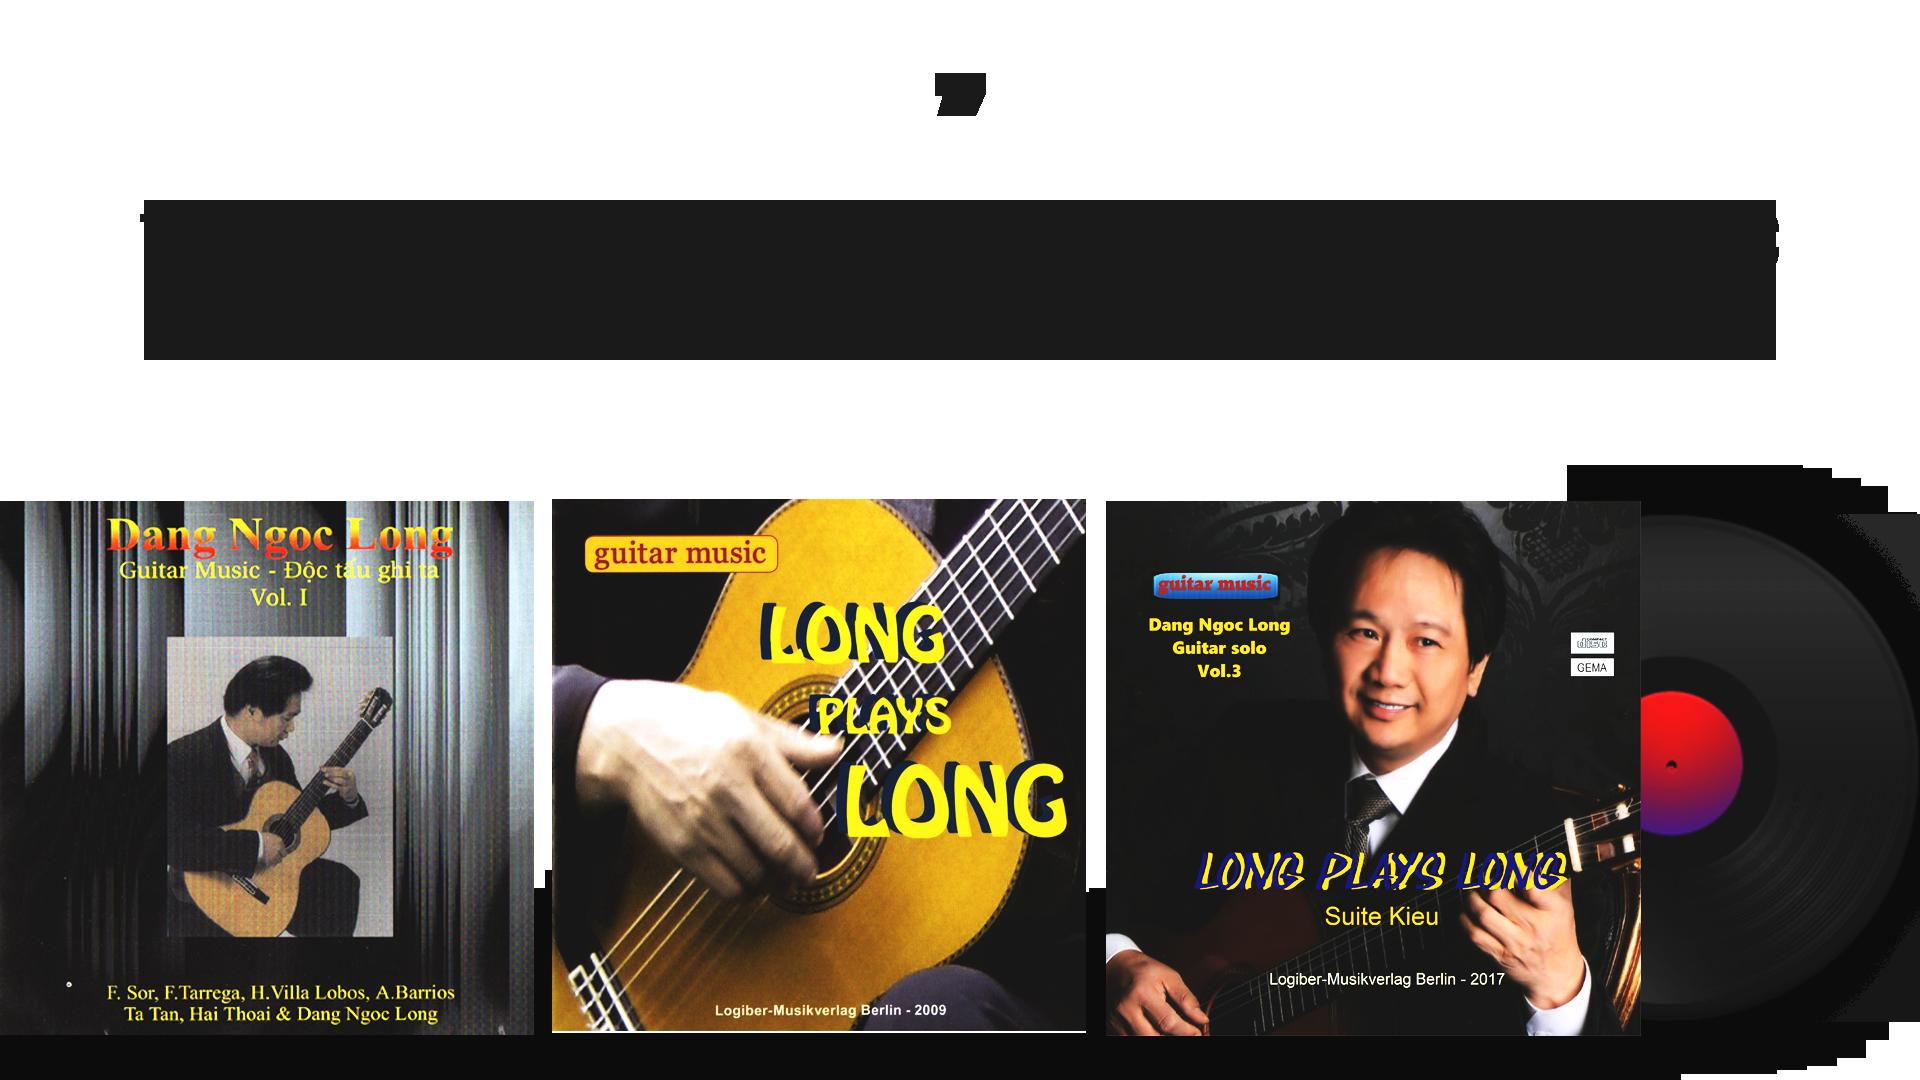 Giáo sư guitar hàng đầu thế giới đưa 'Kiều' vào nhạc quốc tế - ảnh 4